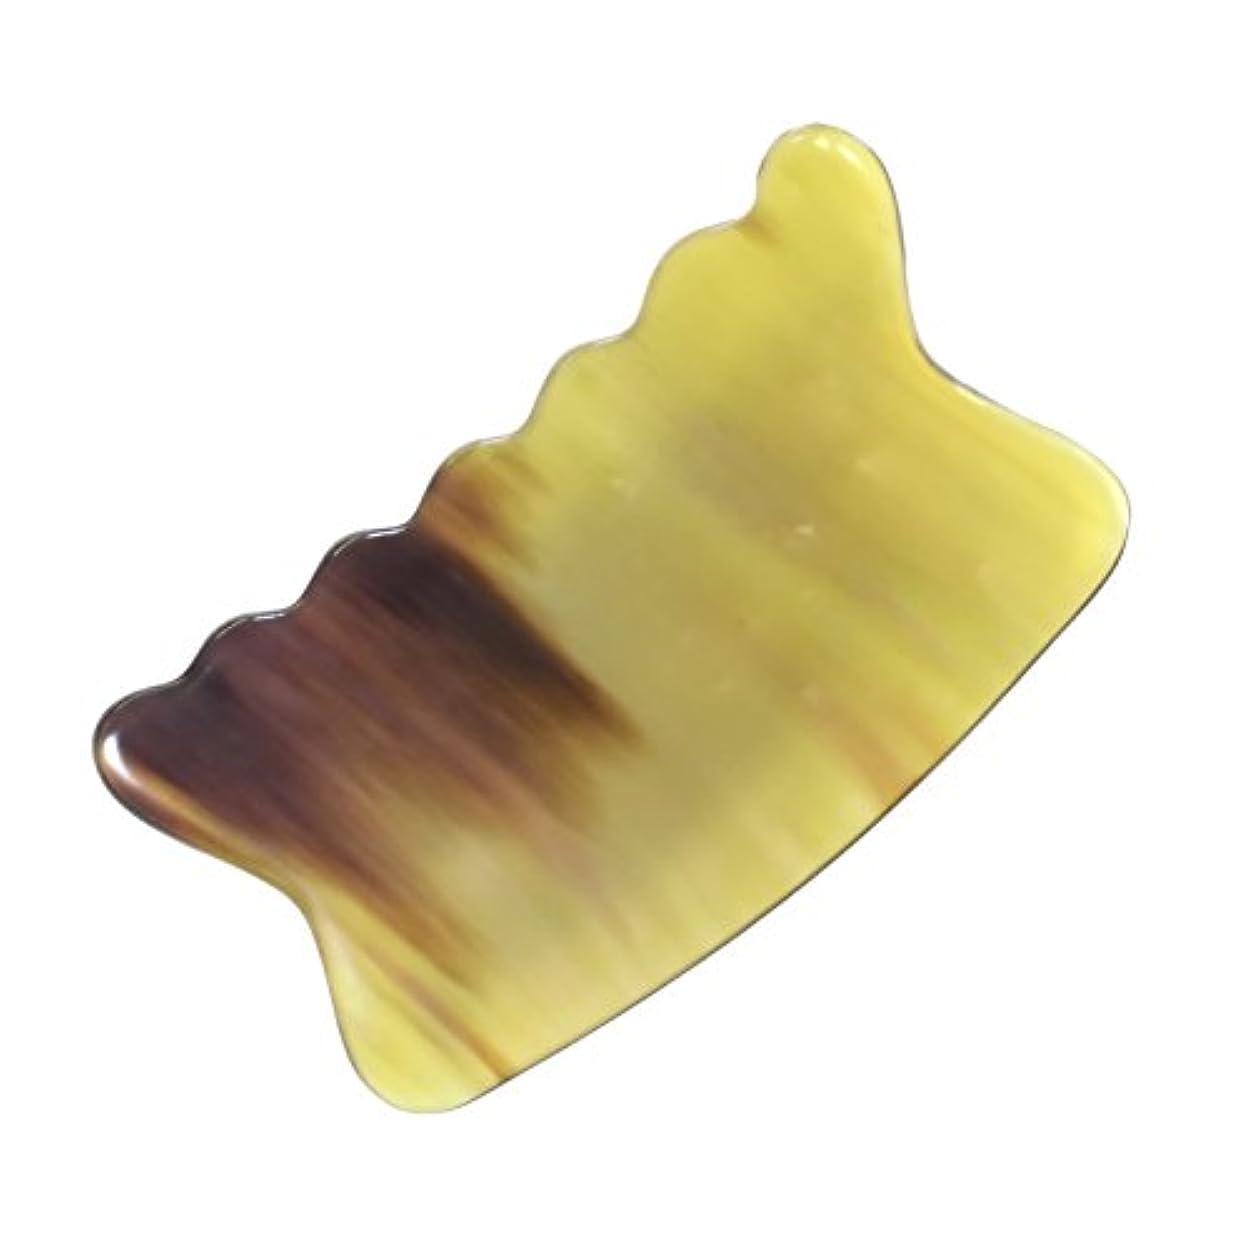 かっさ プレート 希少61 黄水牛角 極美品 曲波型